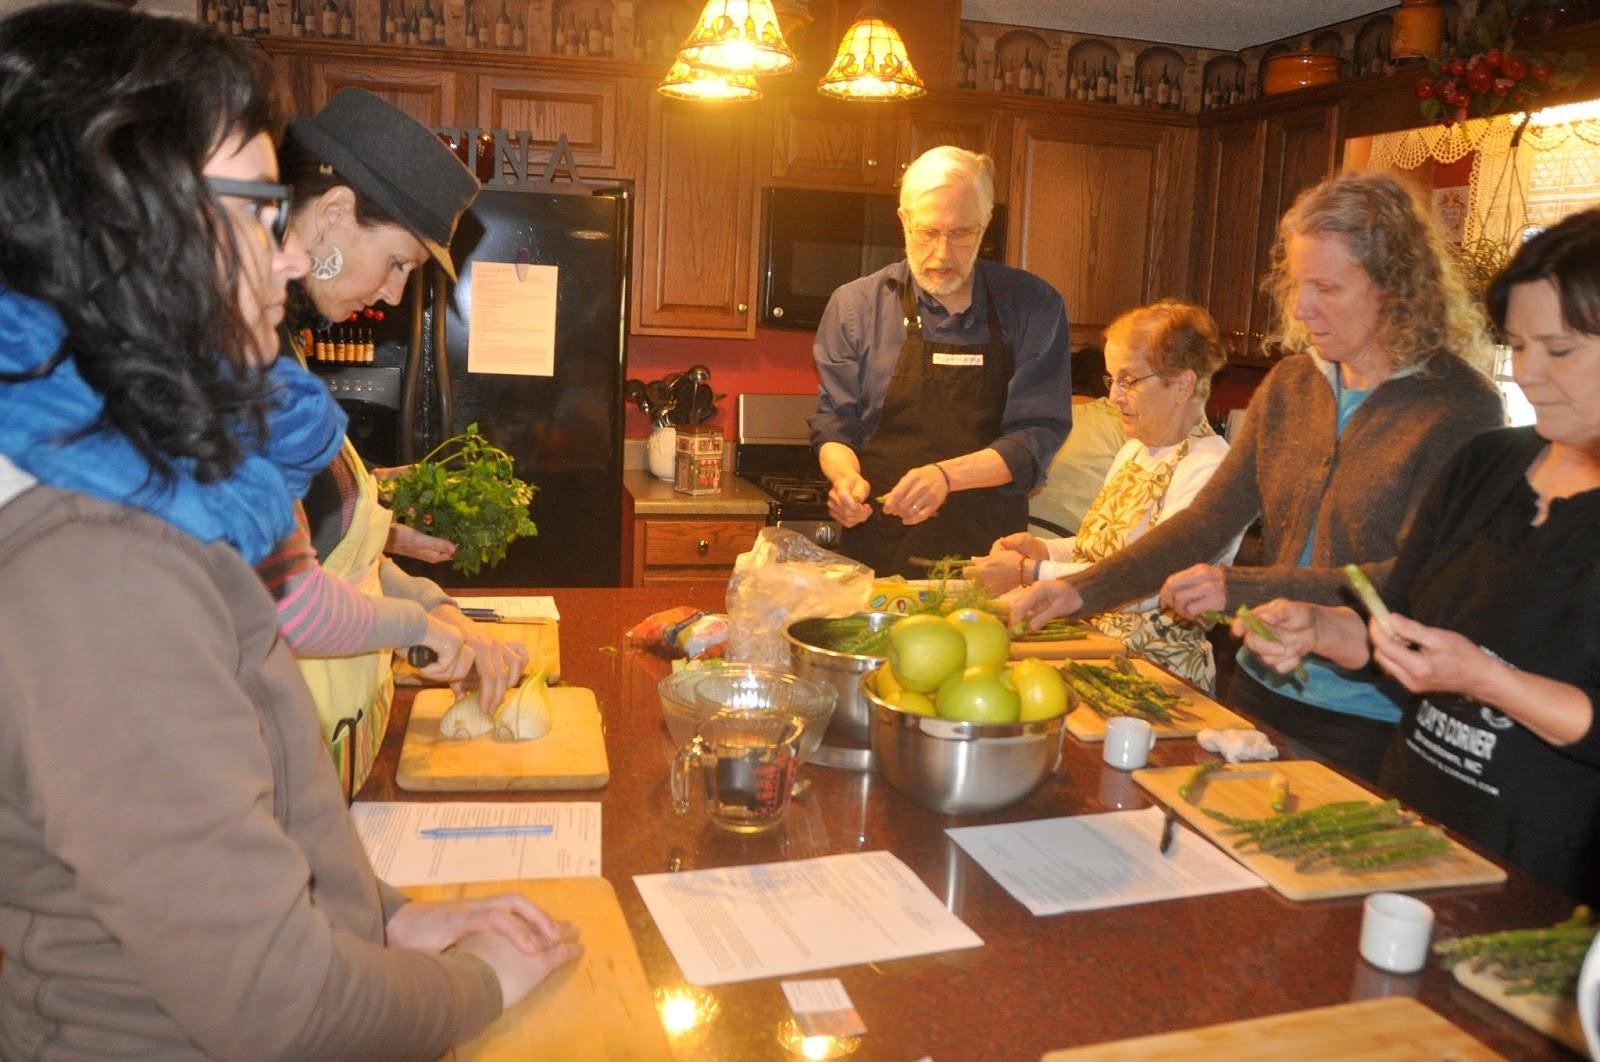 Vicki lane mysteries wally maria 39 s italian kitchen for Maria s italian kitchen menu